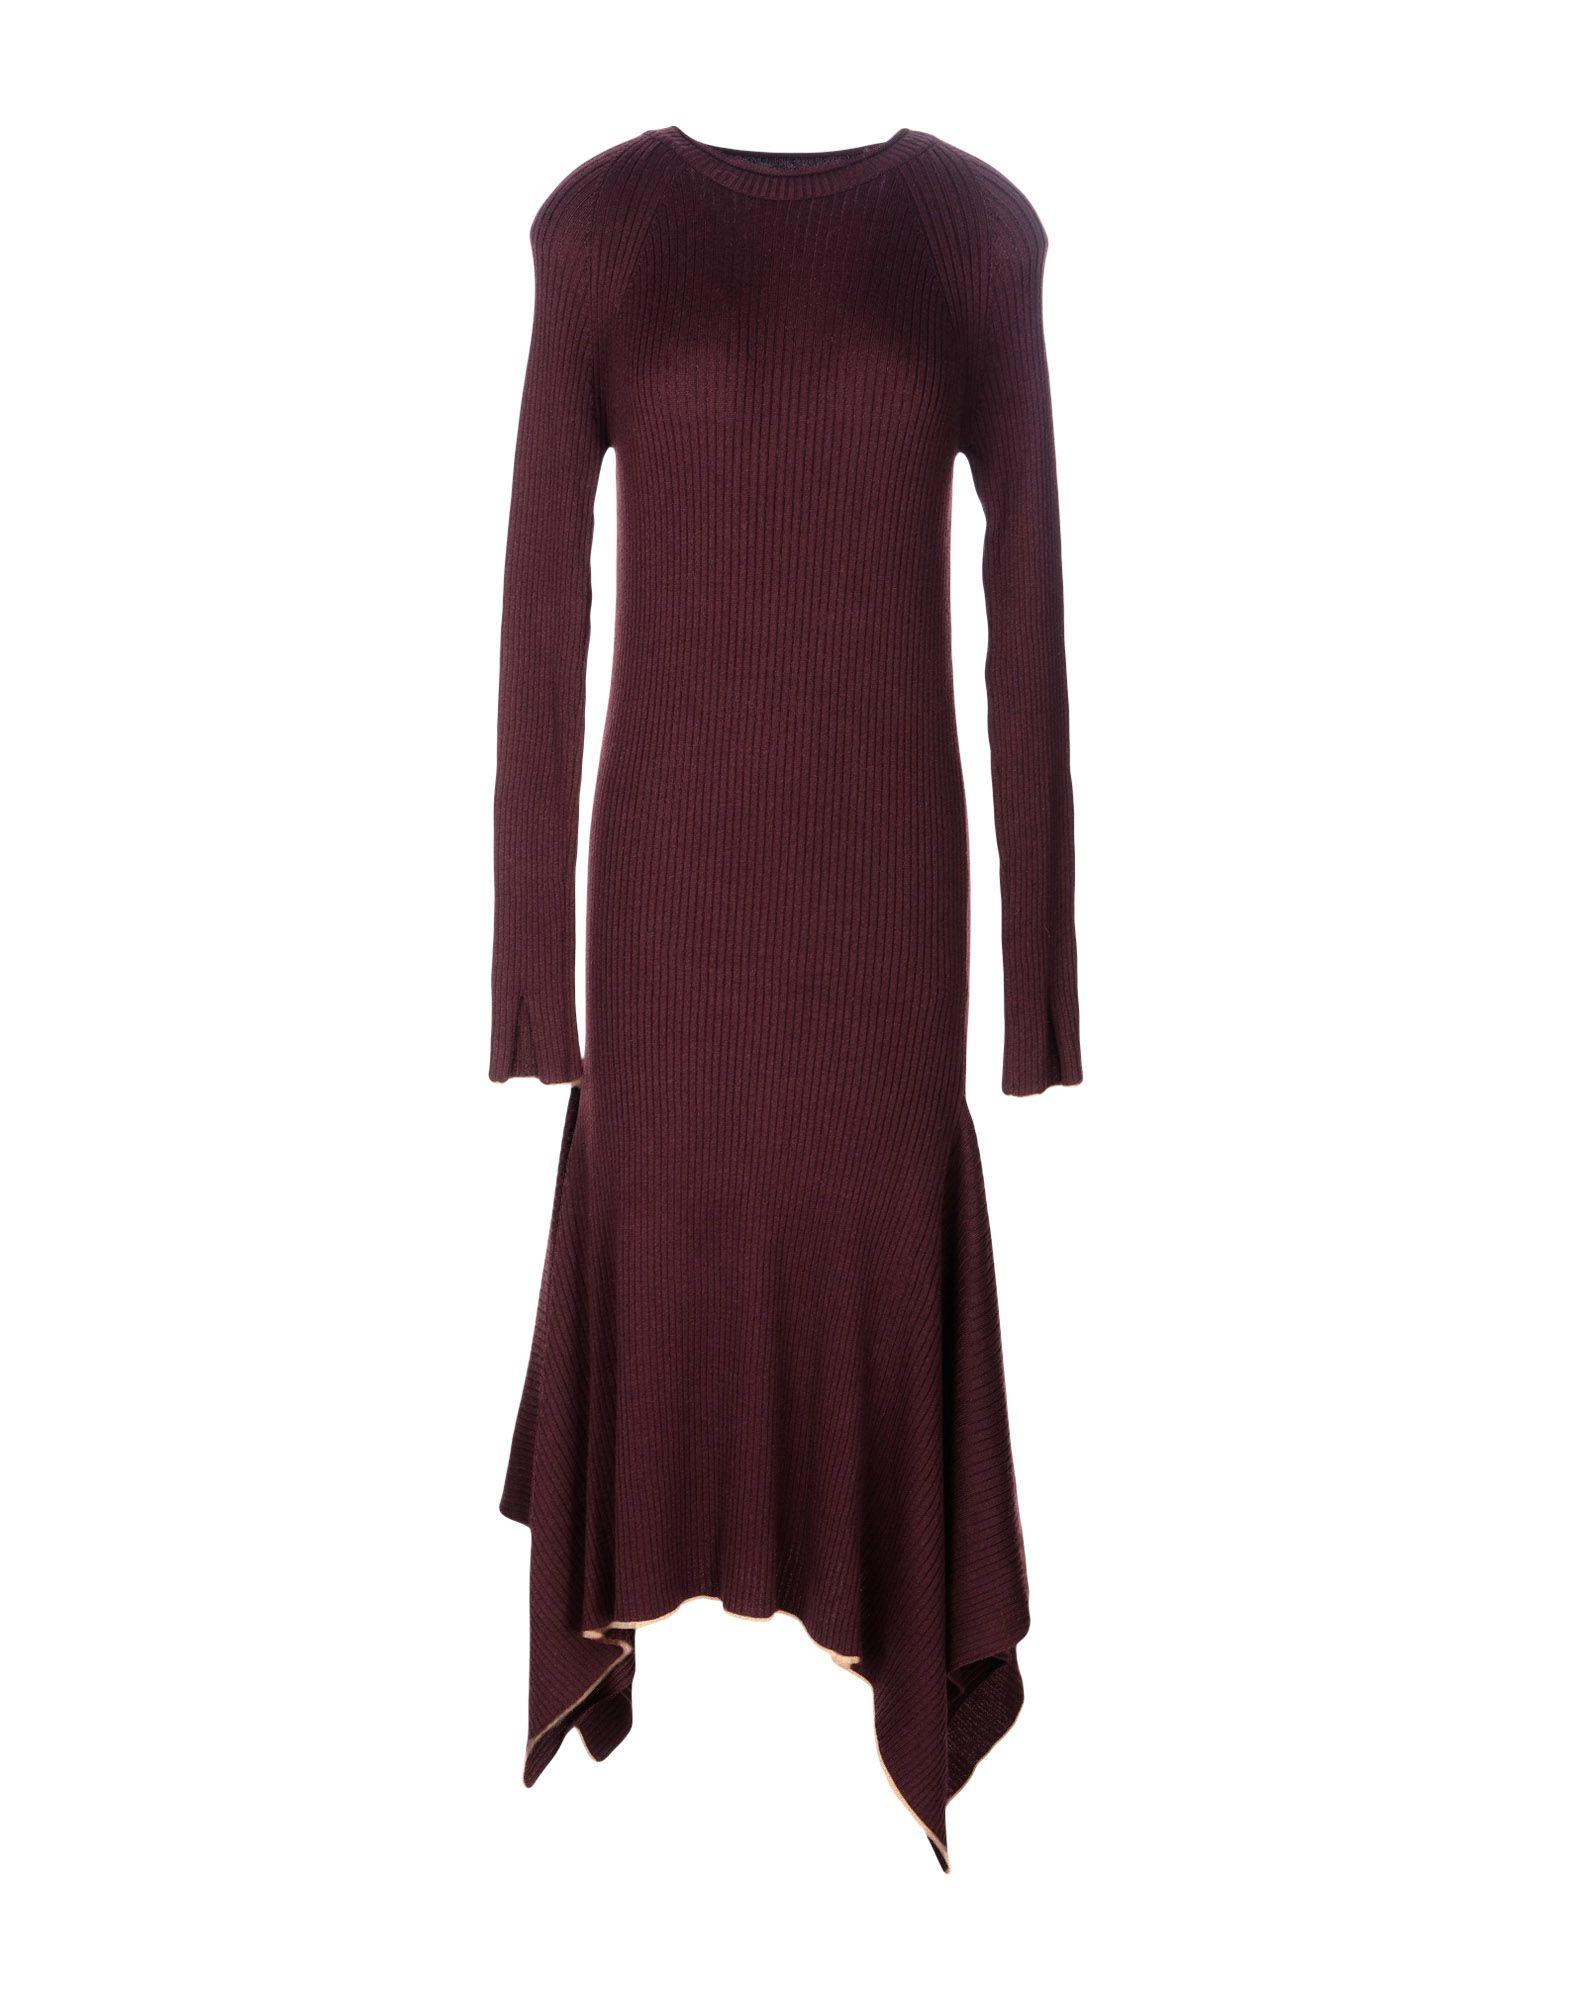 TOPSHOP Платье длиной 3/4 платье для беременных topshop 4 24